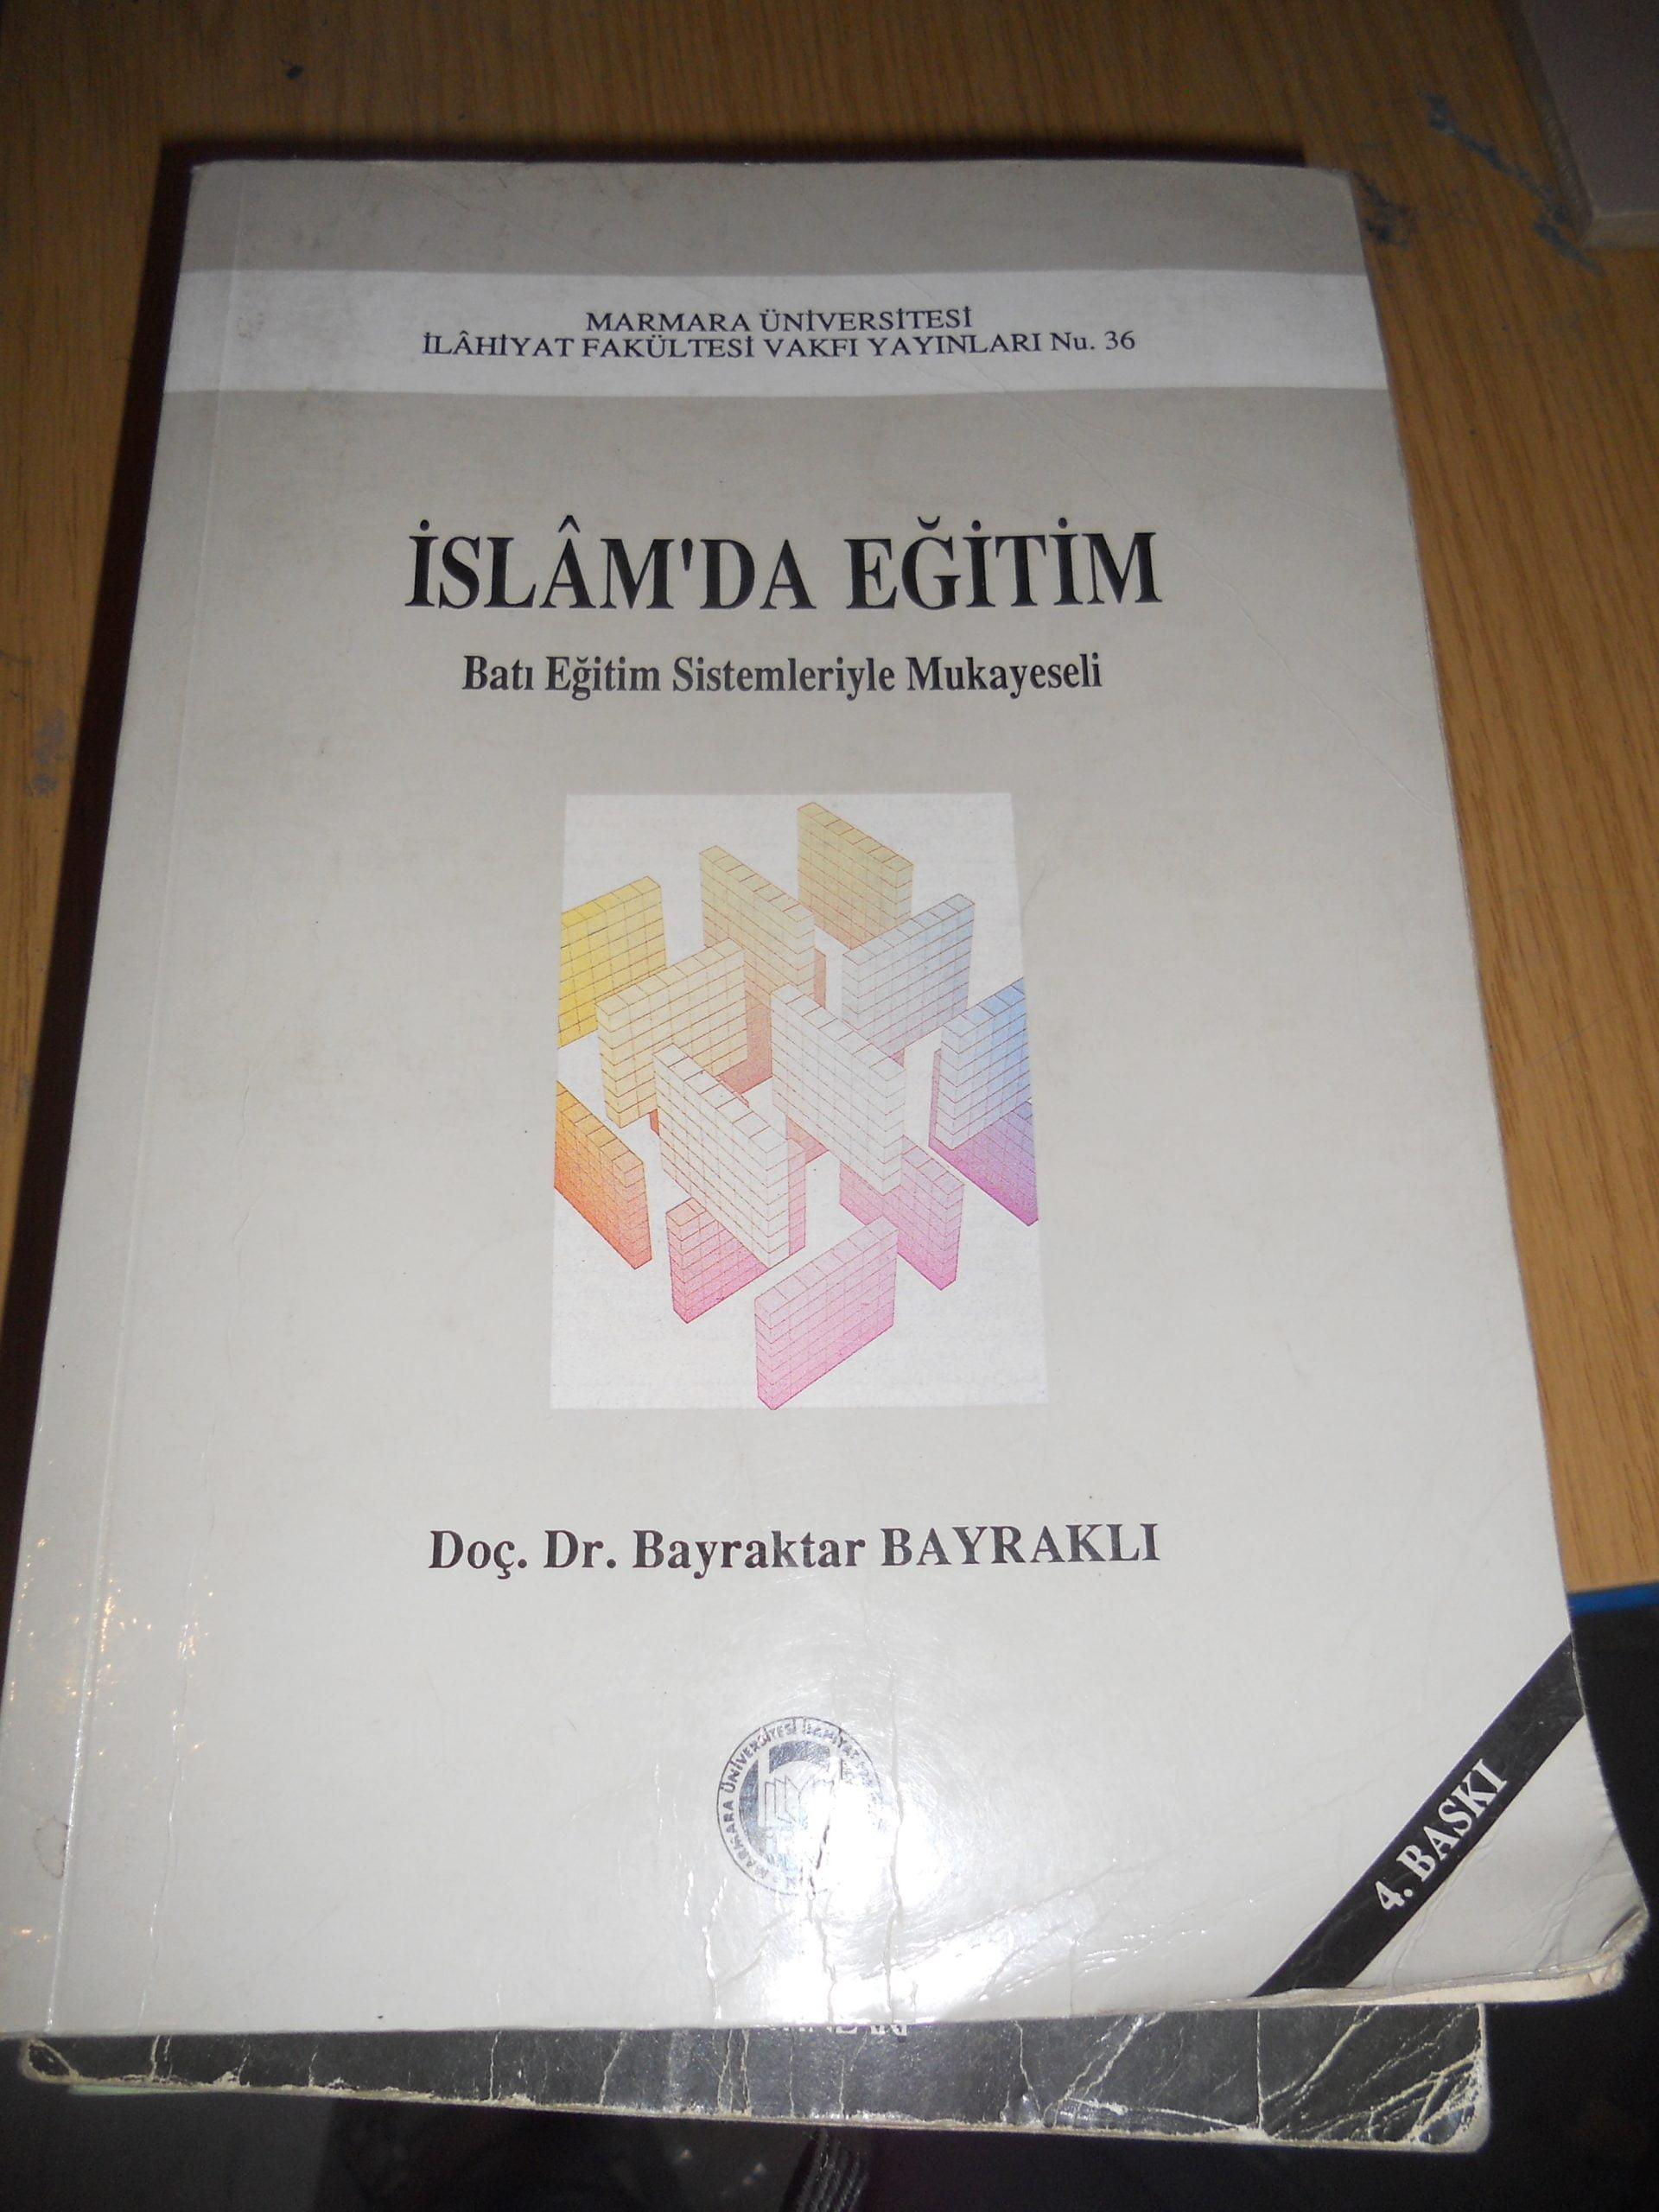 İSLAM'DA EĞİTİM(Batı eğitim sistemleriyle mukayeseli)/ Doç.Dr.Bayraktar Bayraklı/ 25 TL